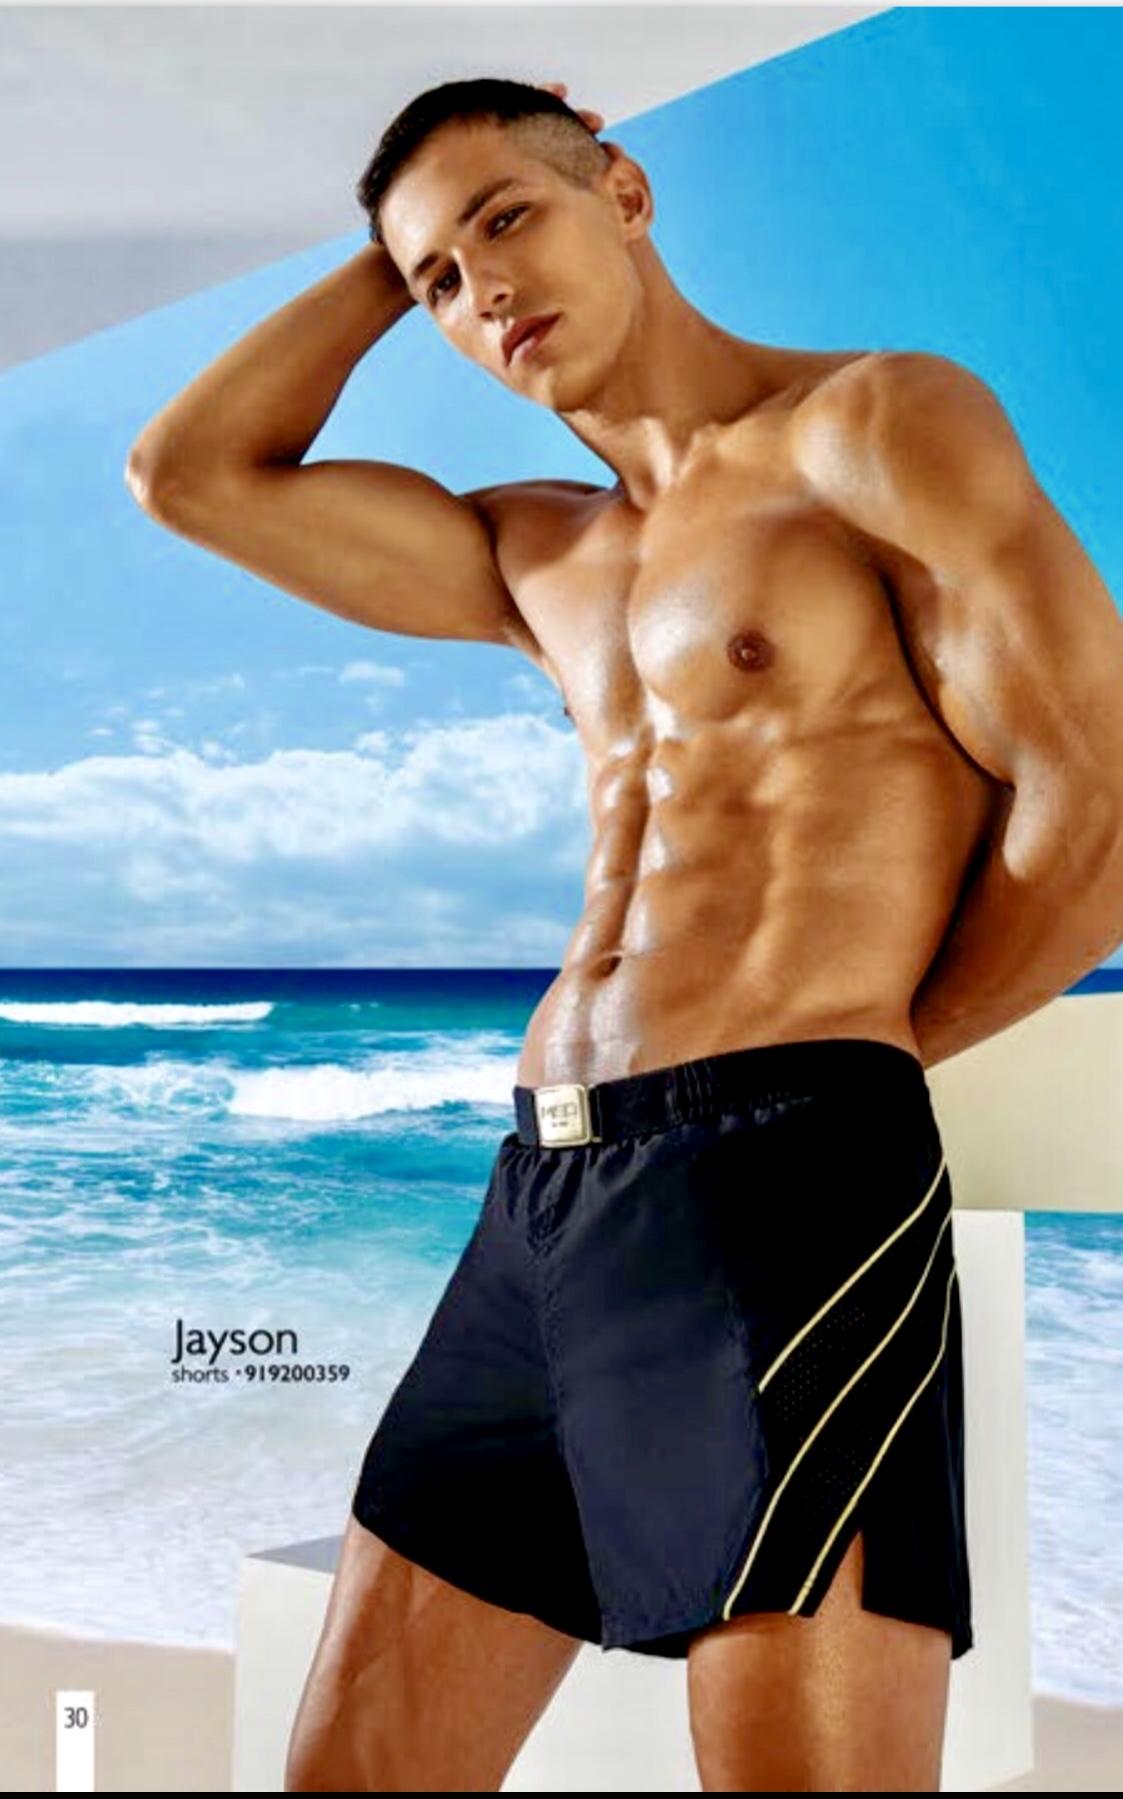 MED Ανδρικό Μαγιό Σορτς - Jayson  Shorts- Μαύρο